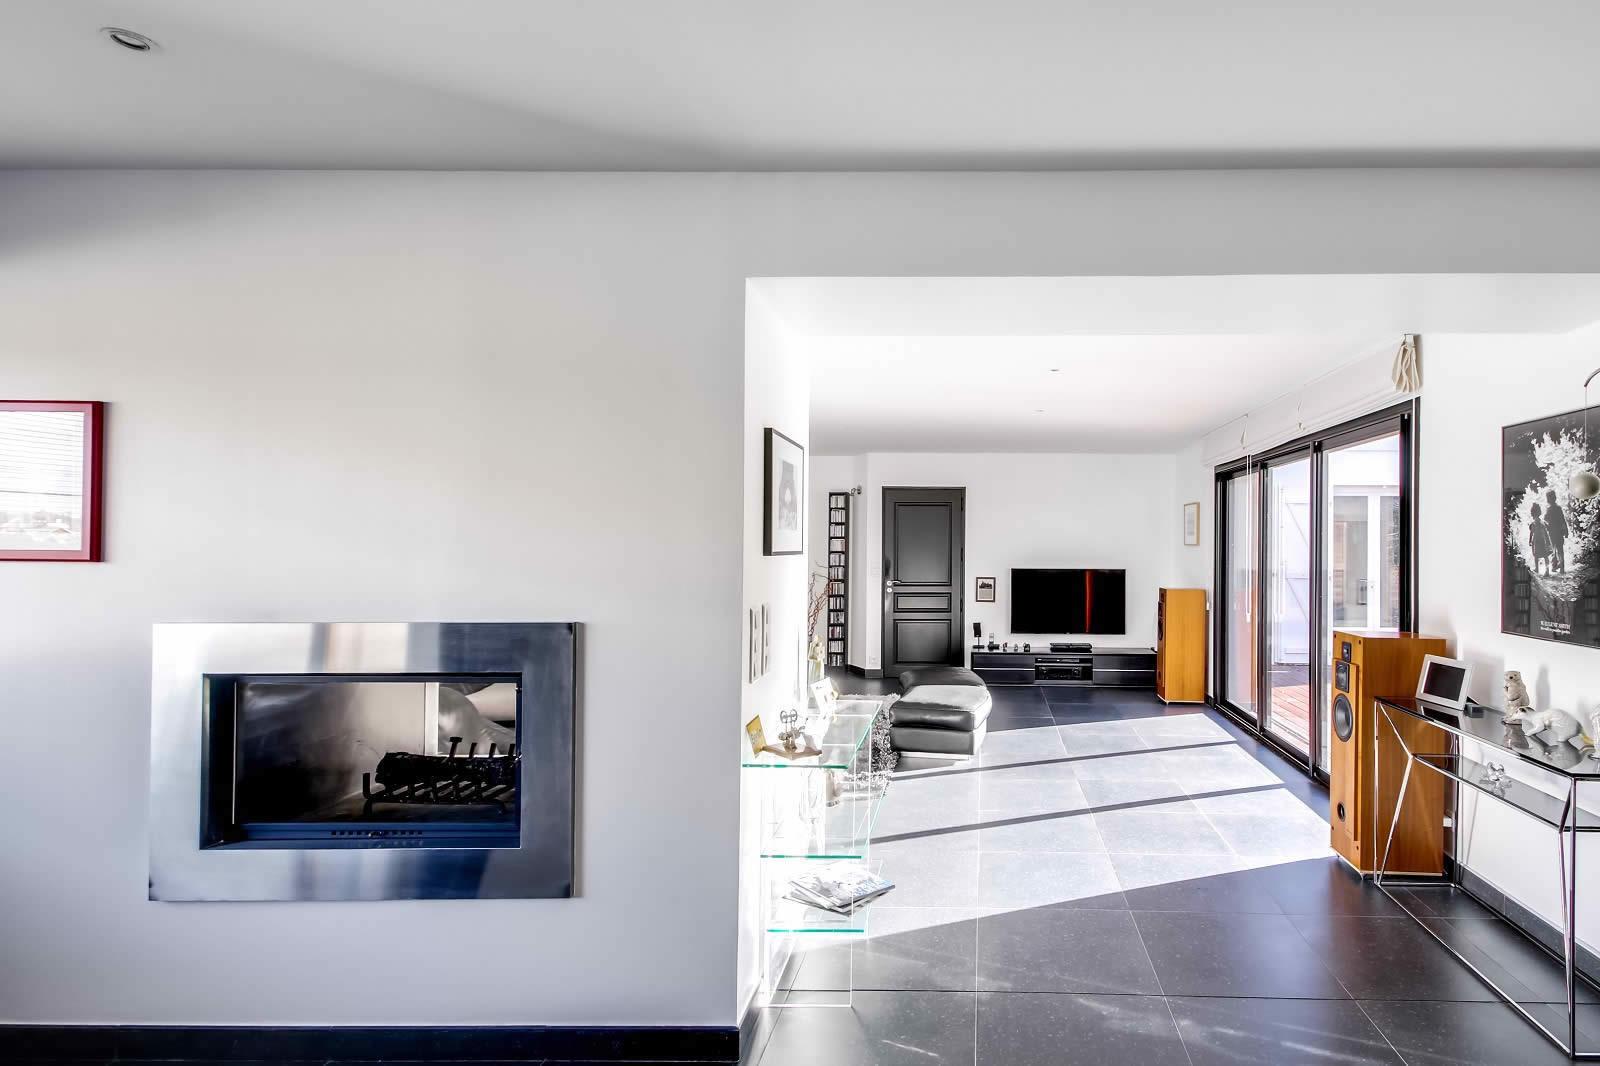 maison-contemporaine-a-vendre-suce-sur-erdre-piscine-terrasse-terrain-garage